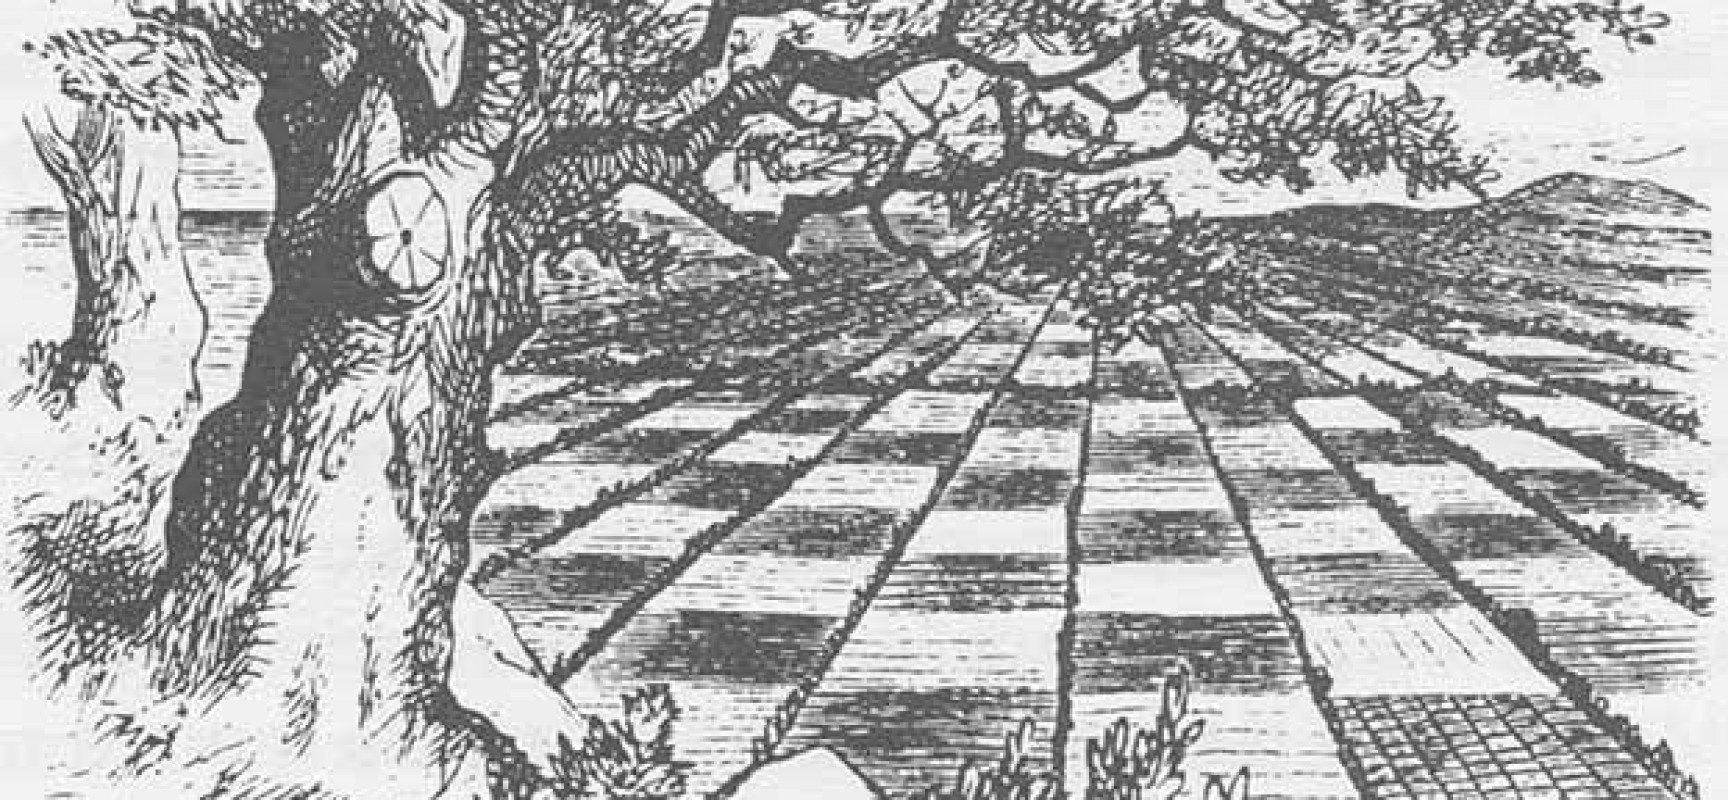 J. A. Garzón: «Creo que, siglo y medio después, demuestro cómo darle un sentido al enigma de ajedrez de Lewis Carroll»